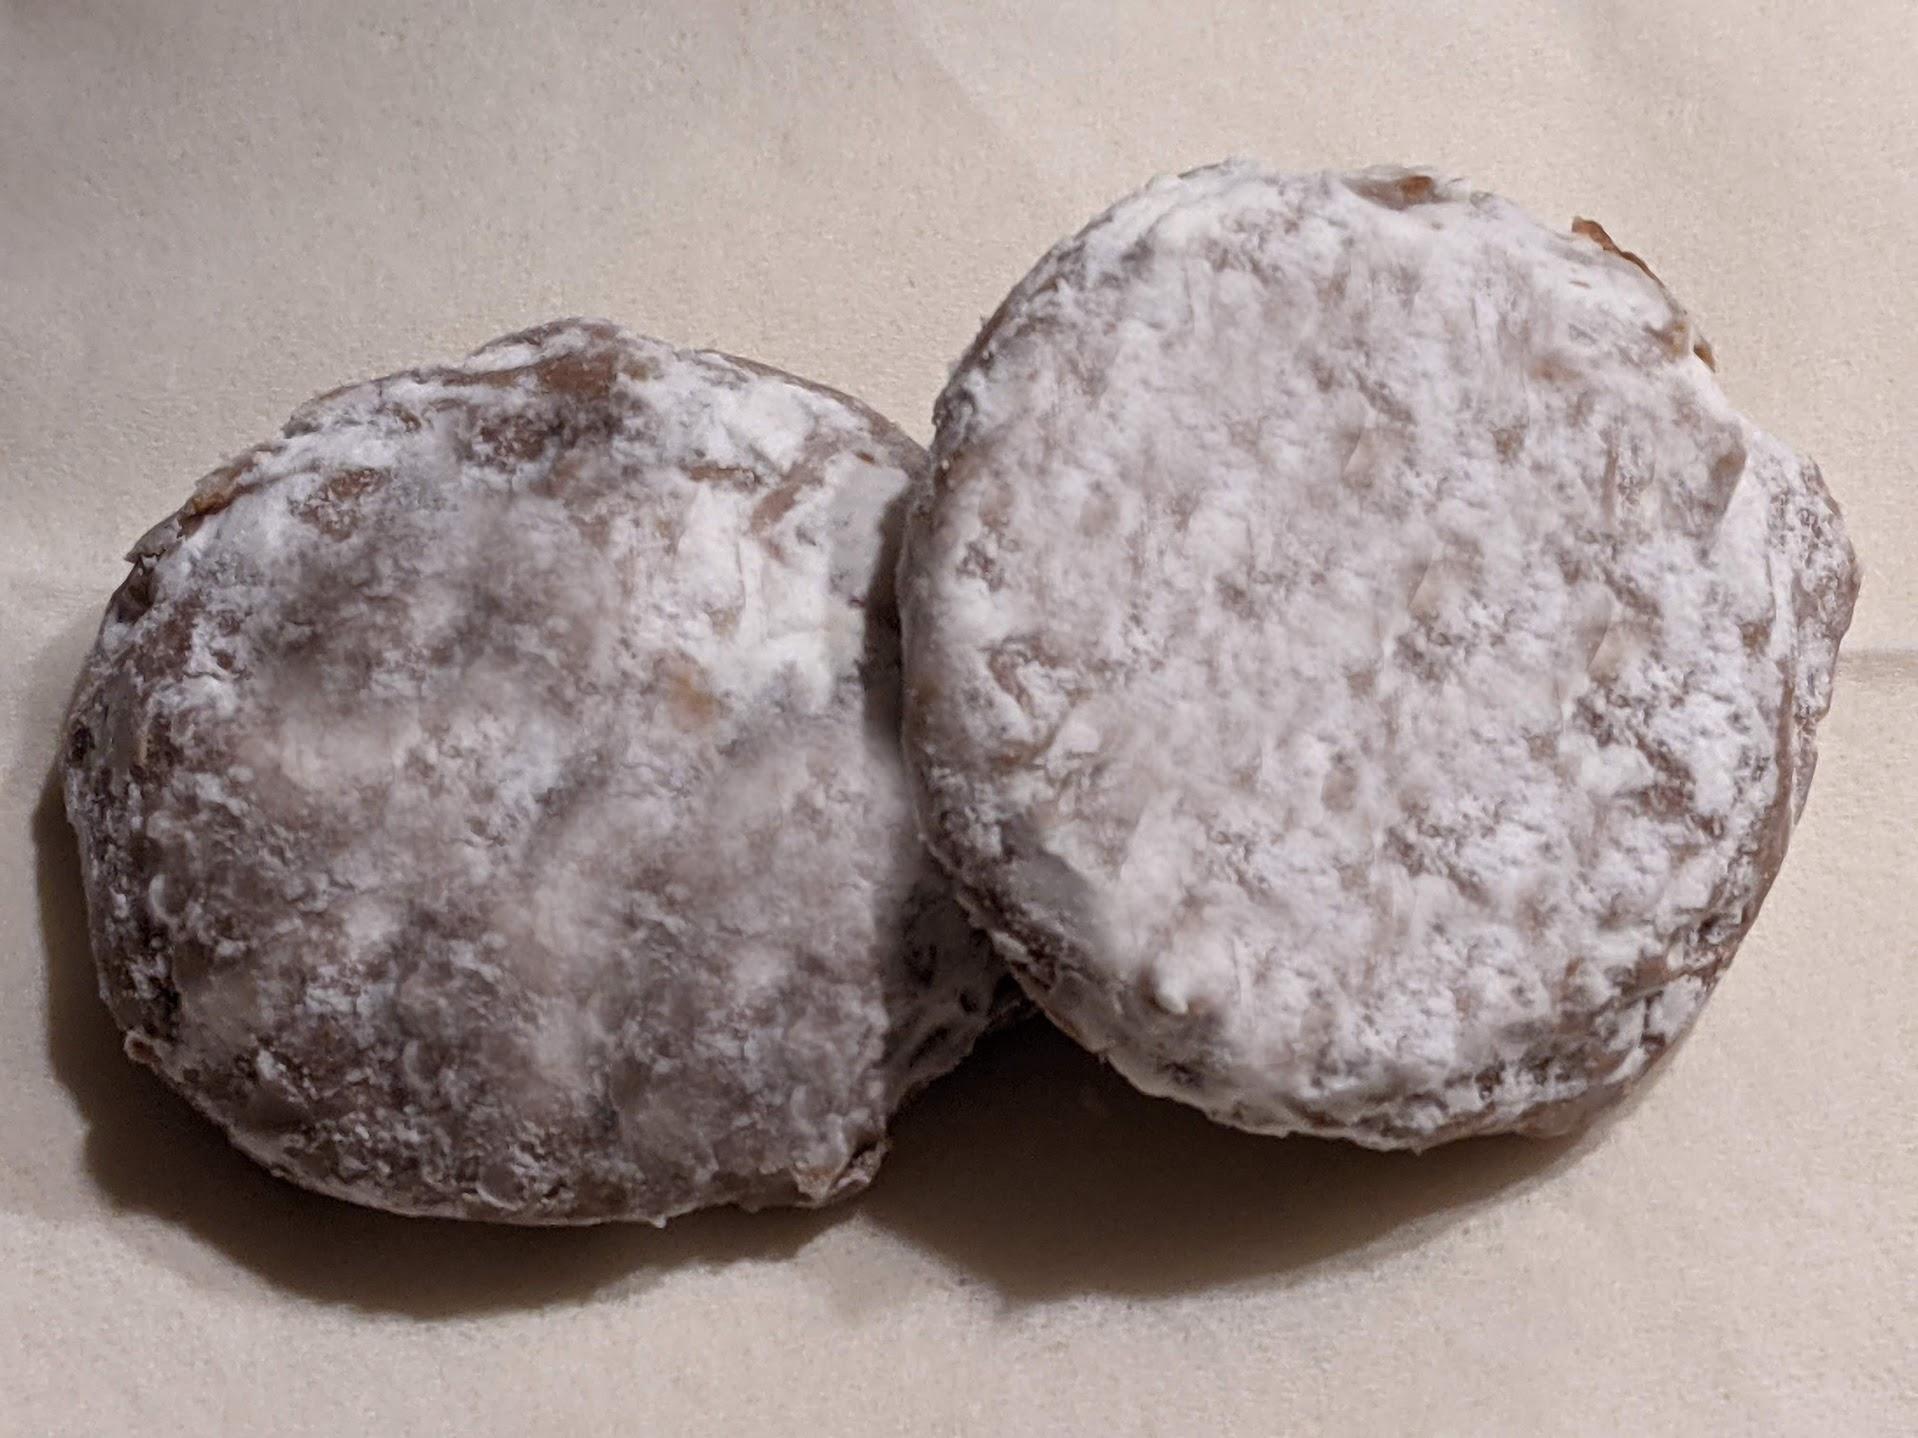 スウィーツ&キャンディ チョコレートクリームズ(エキストラダーク)